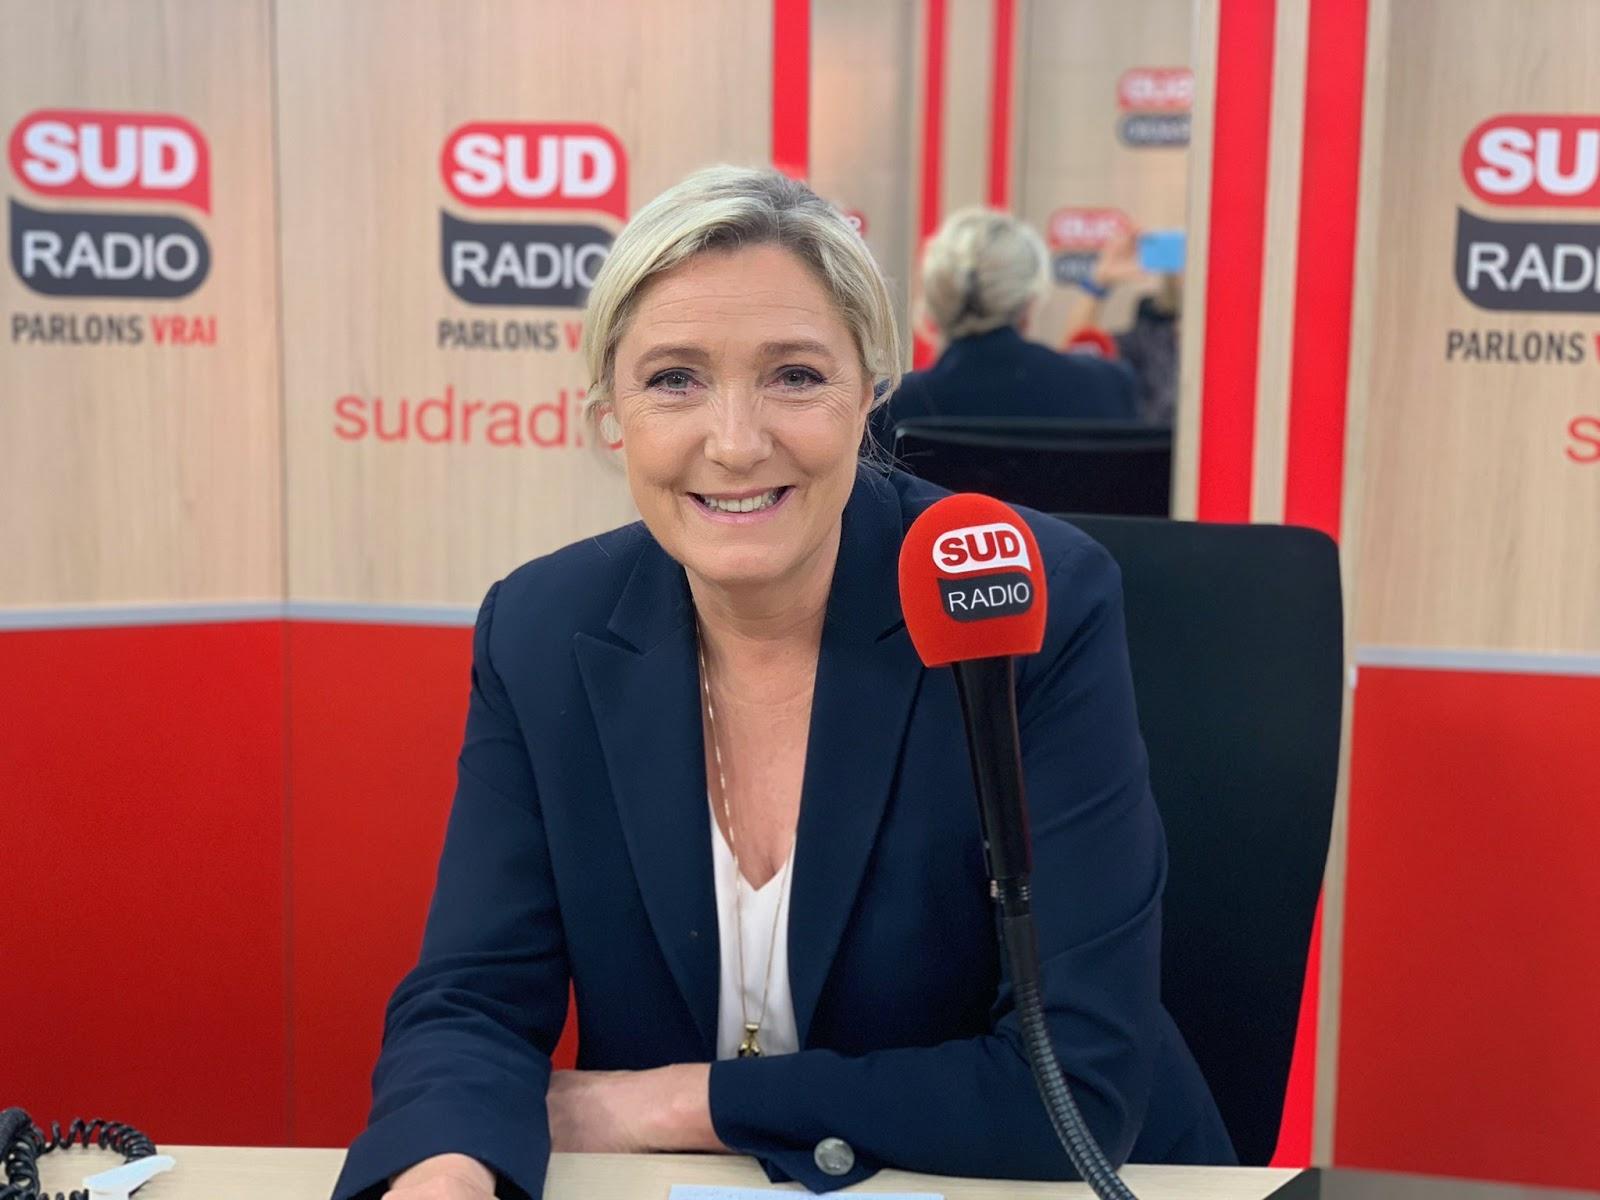 Présidentielle 2022 : désormais aux portes du pouvoir, Marine Le Pen peut gagner